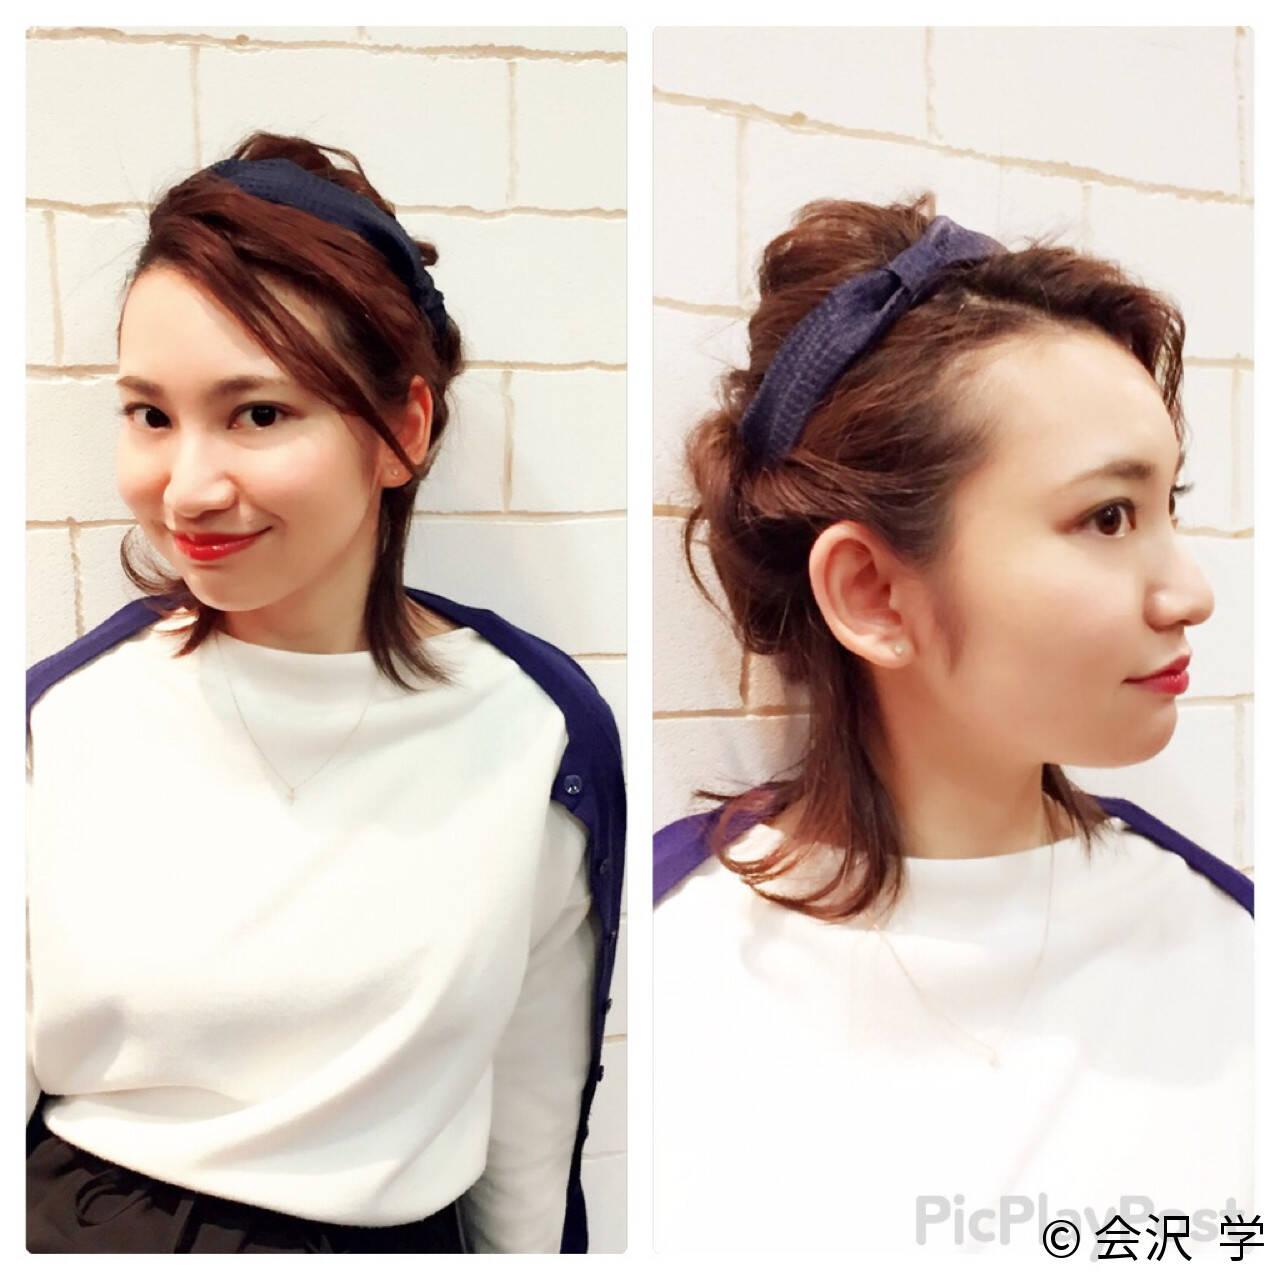 フェミニン ハーフアップ ヘアアレンジ ミディアムヘアスタイルや髪型の写真・画像